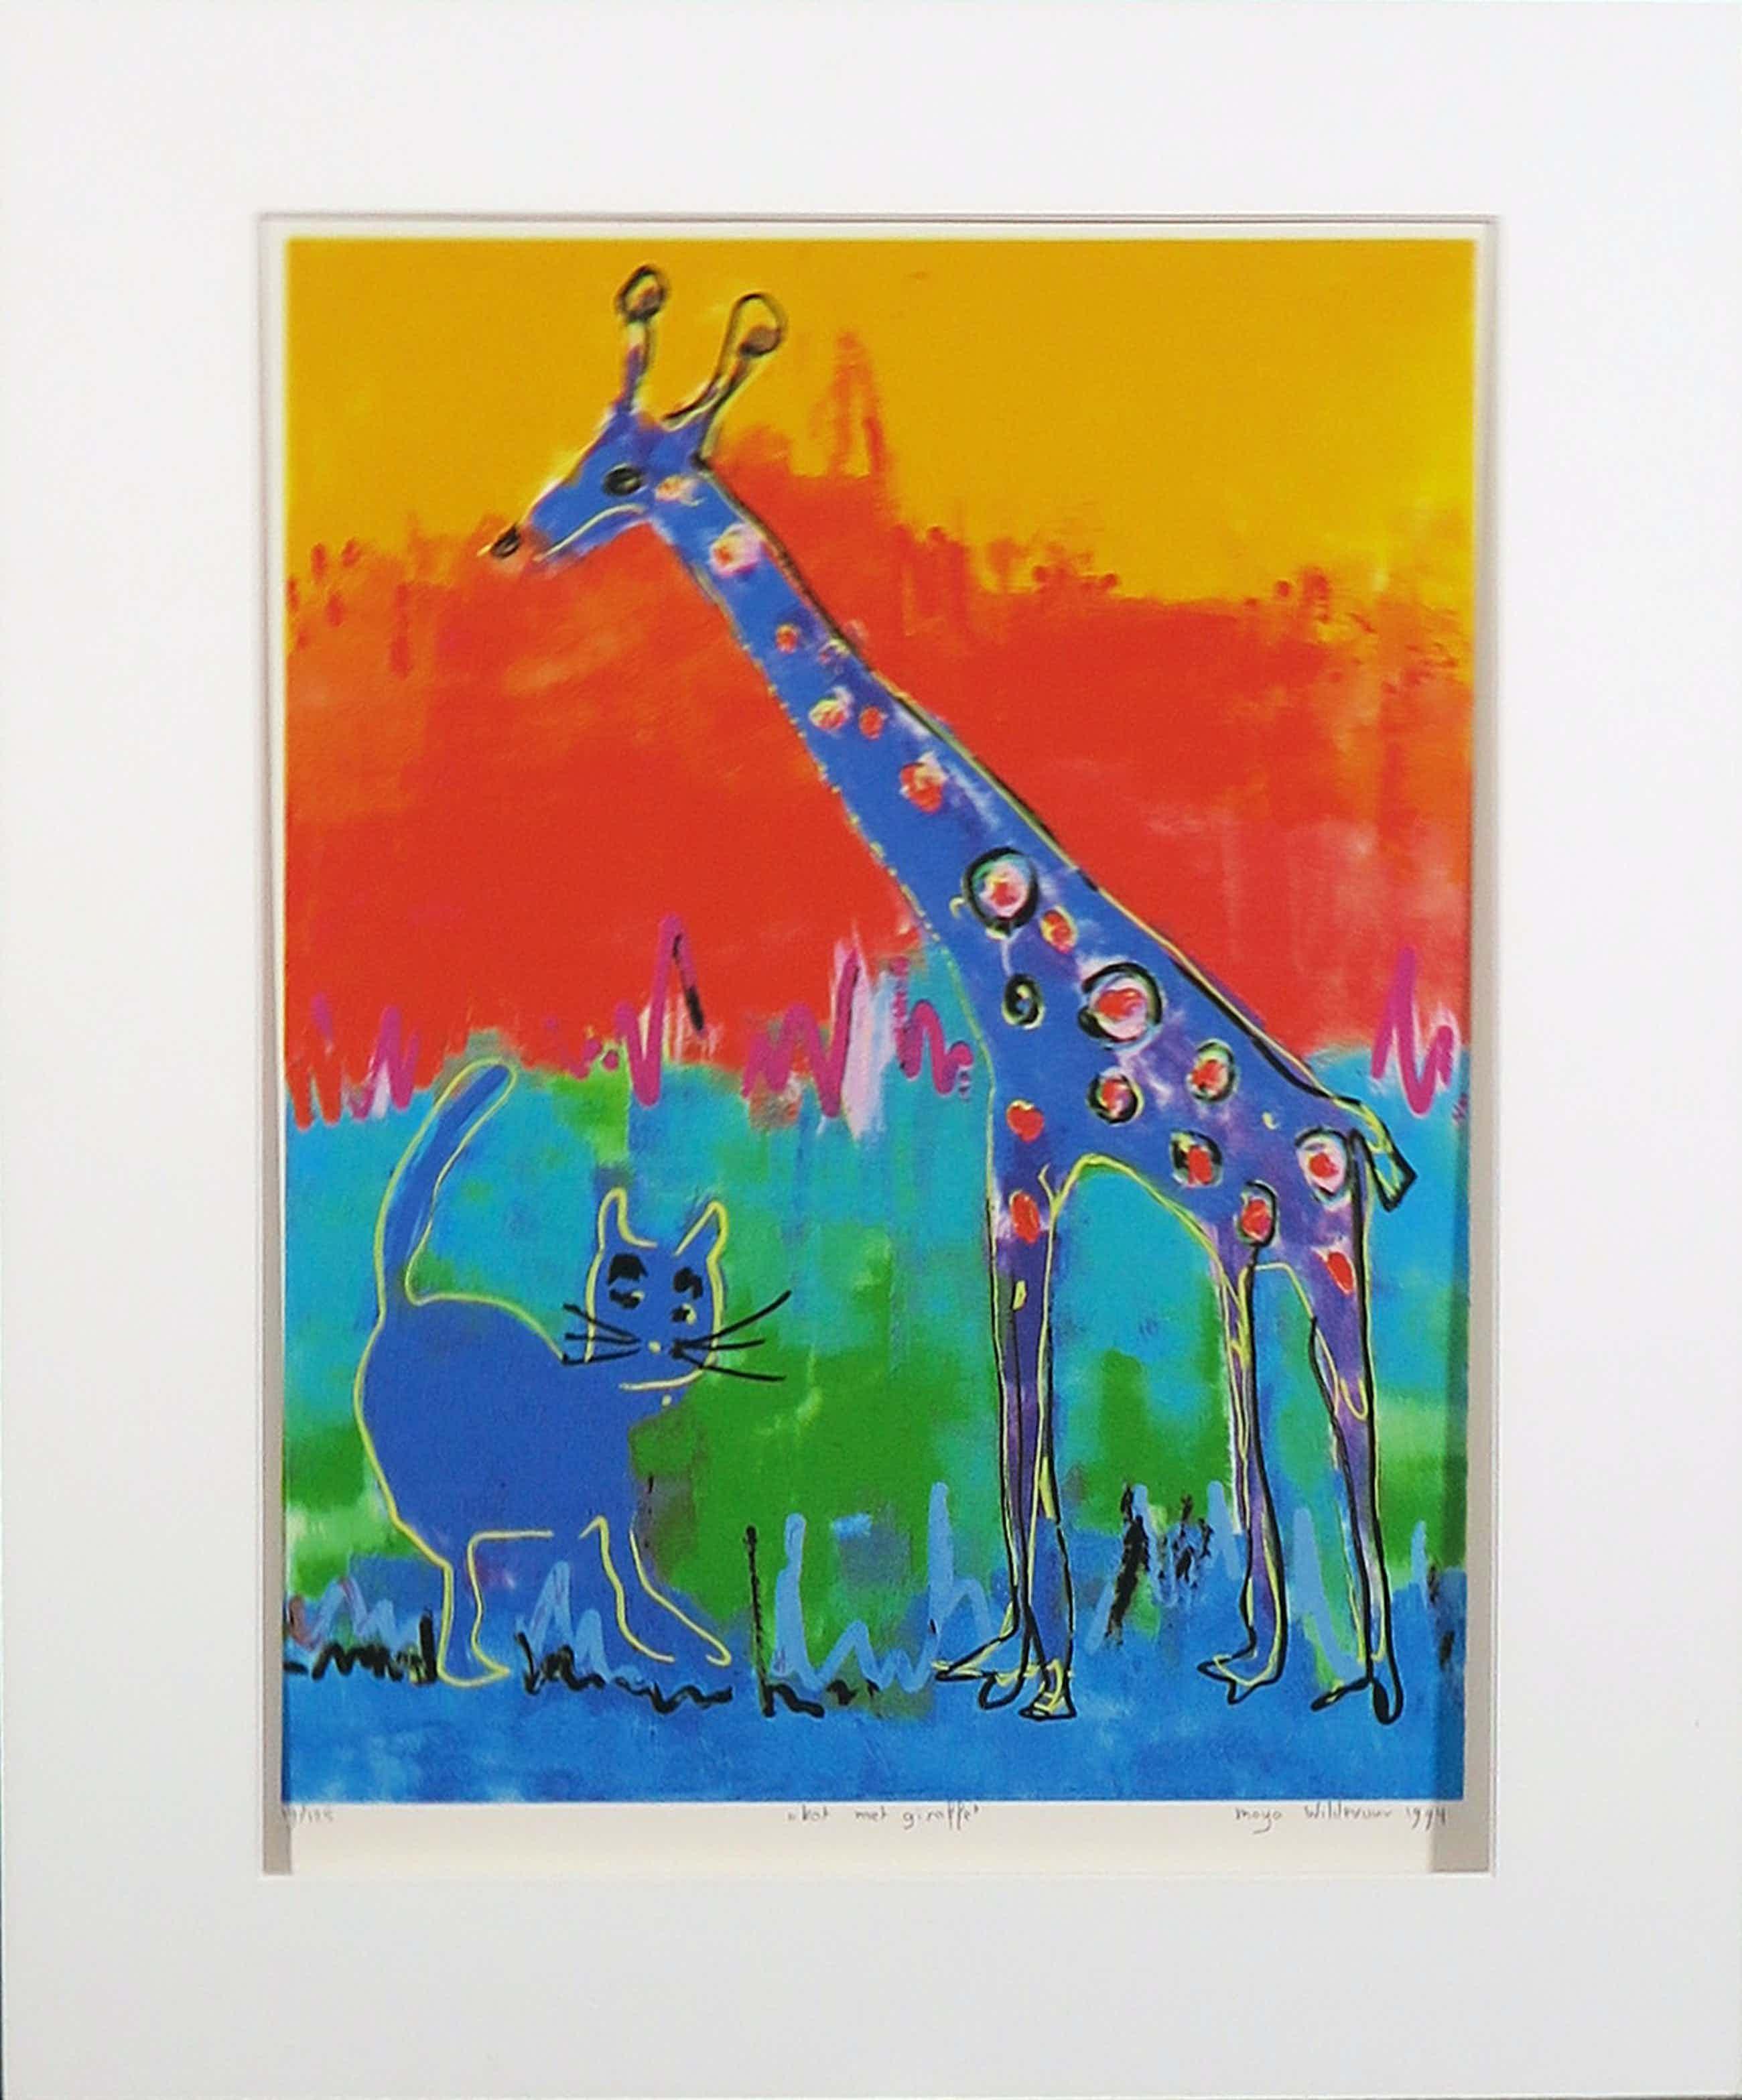 Maya Wildevuur - Zeefdruk, Kat met giraffe kopen? Bied vanaf 70!